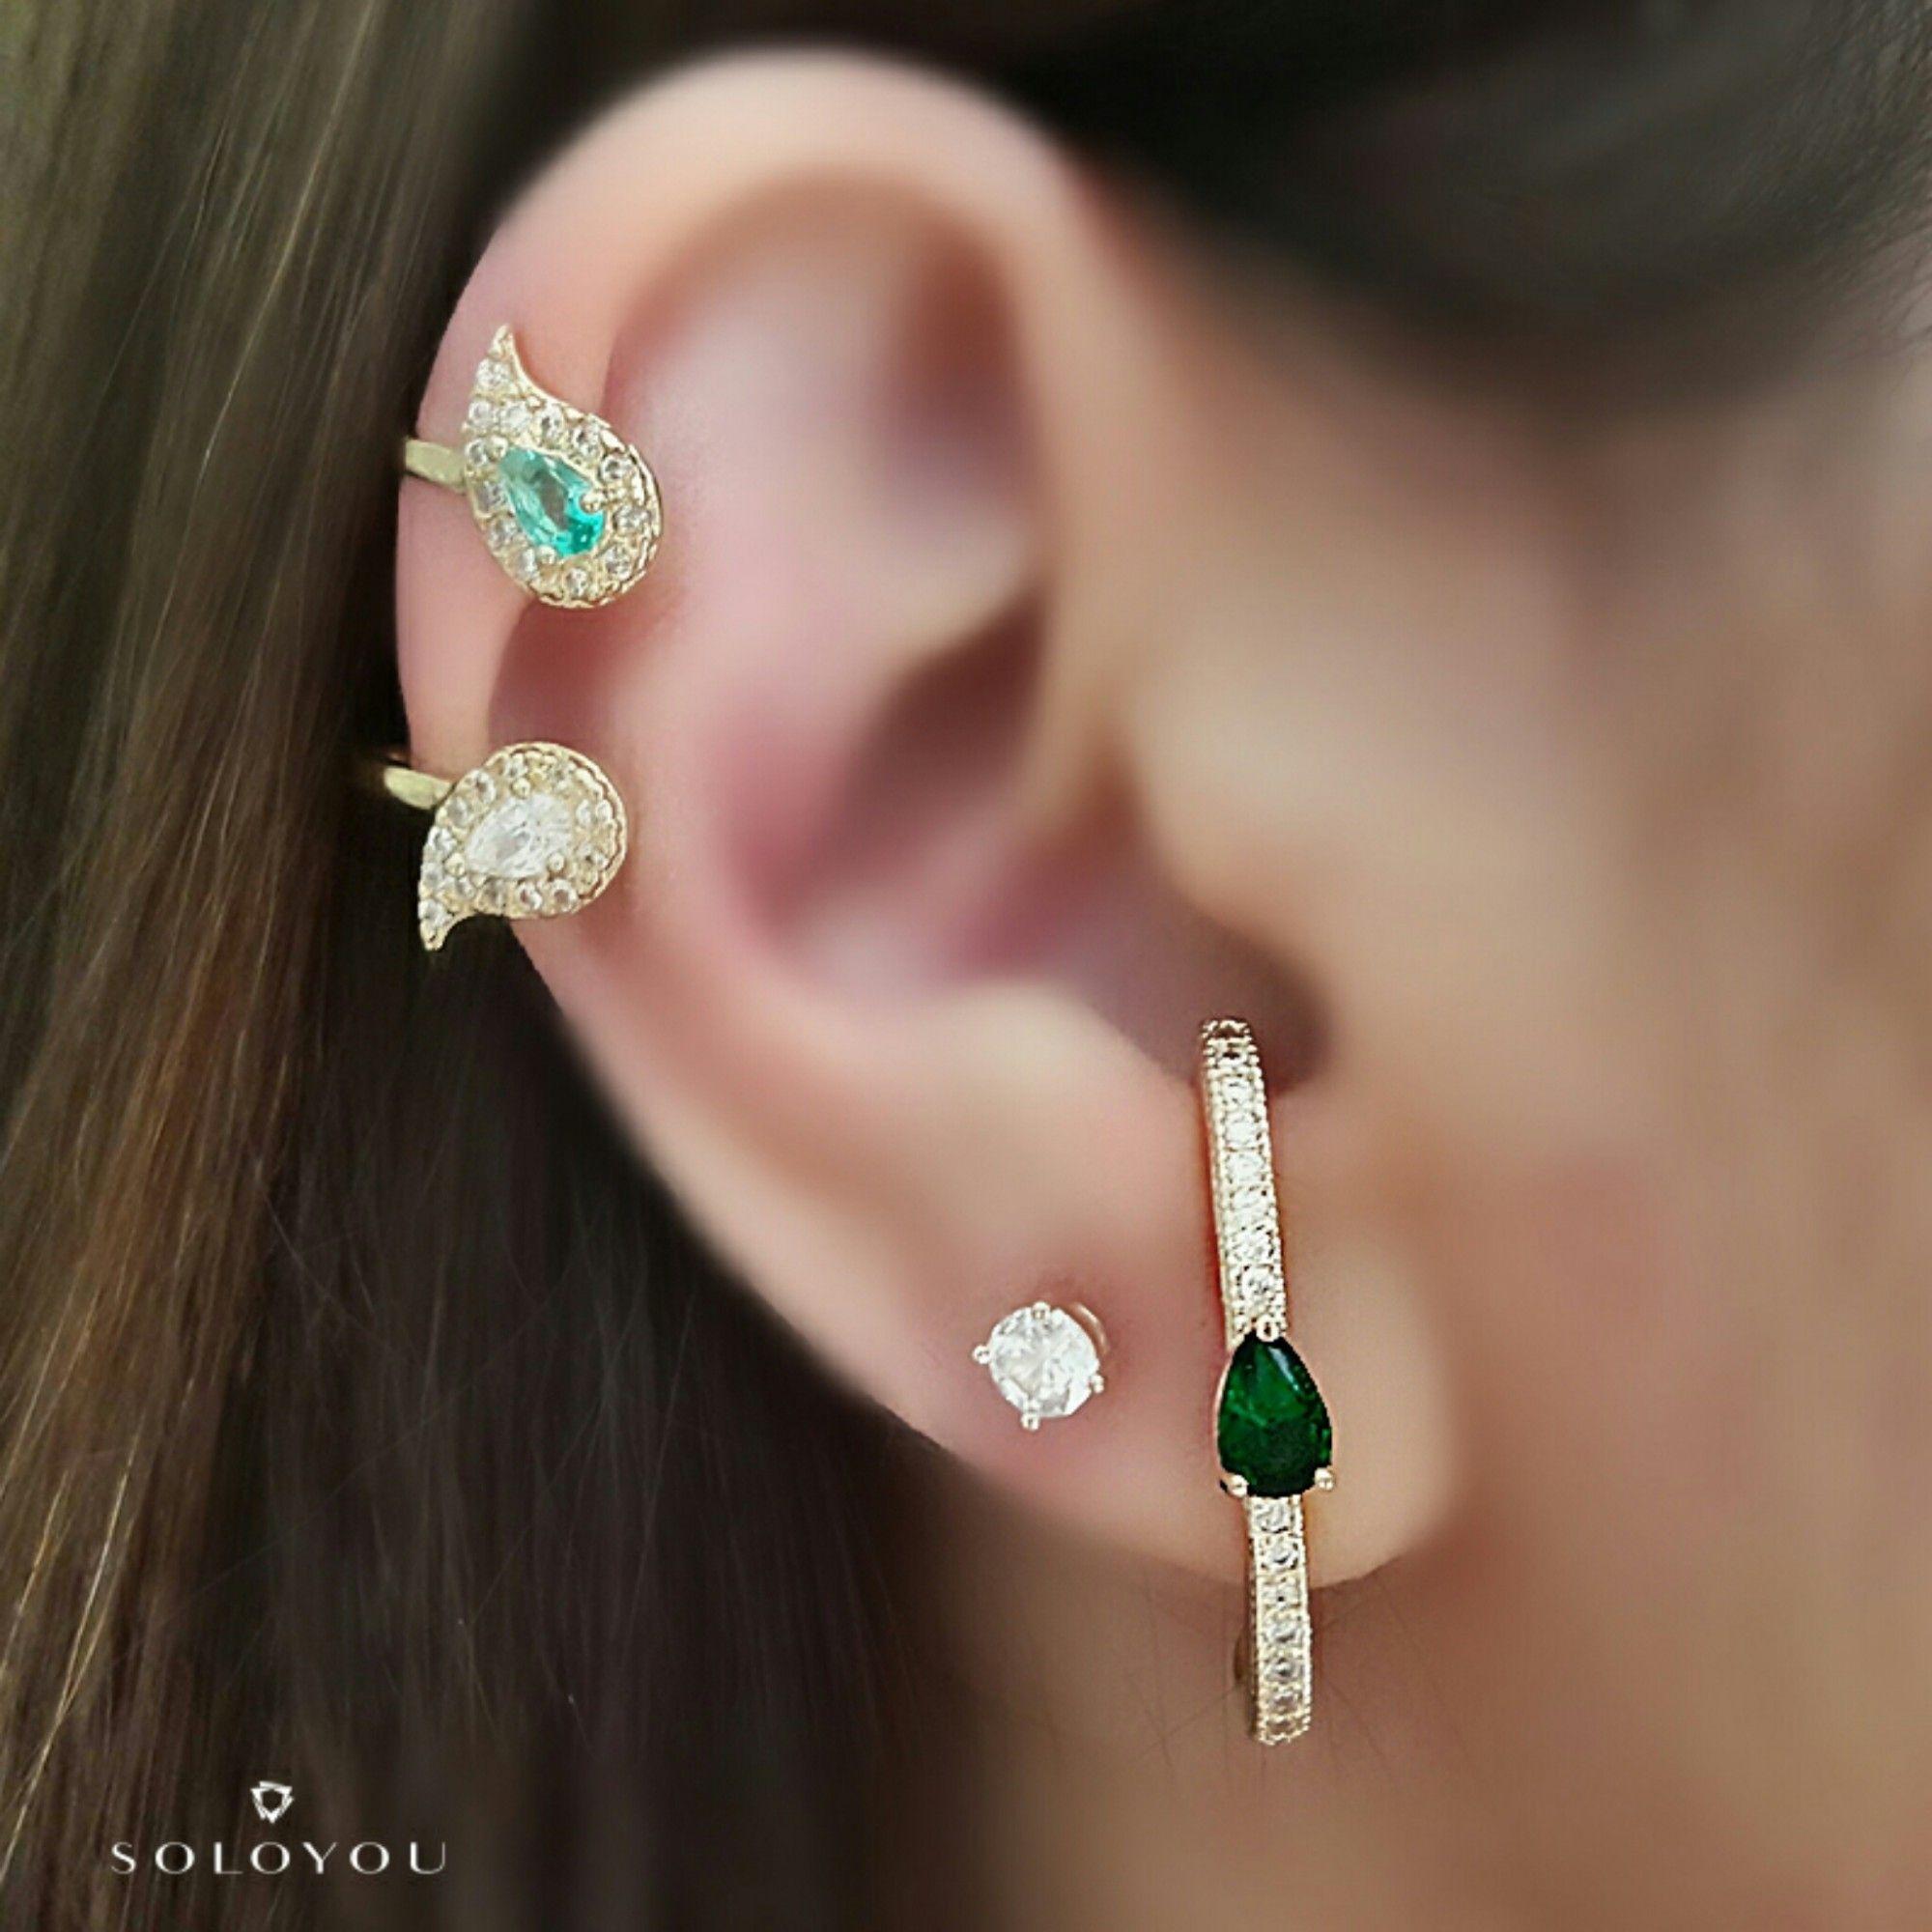 Ear Hook Brinco da Moda Gota Esmeralda e Zircônia Branca Brilhante Semijoia em Ouro 18K  - Soloyou